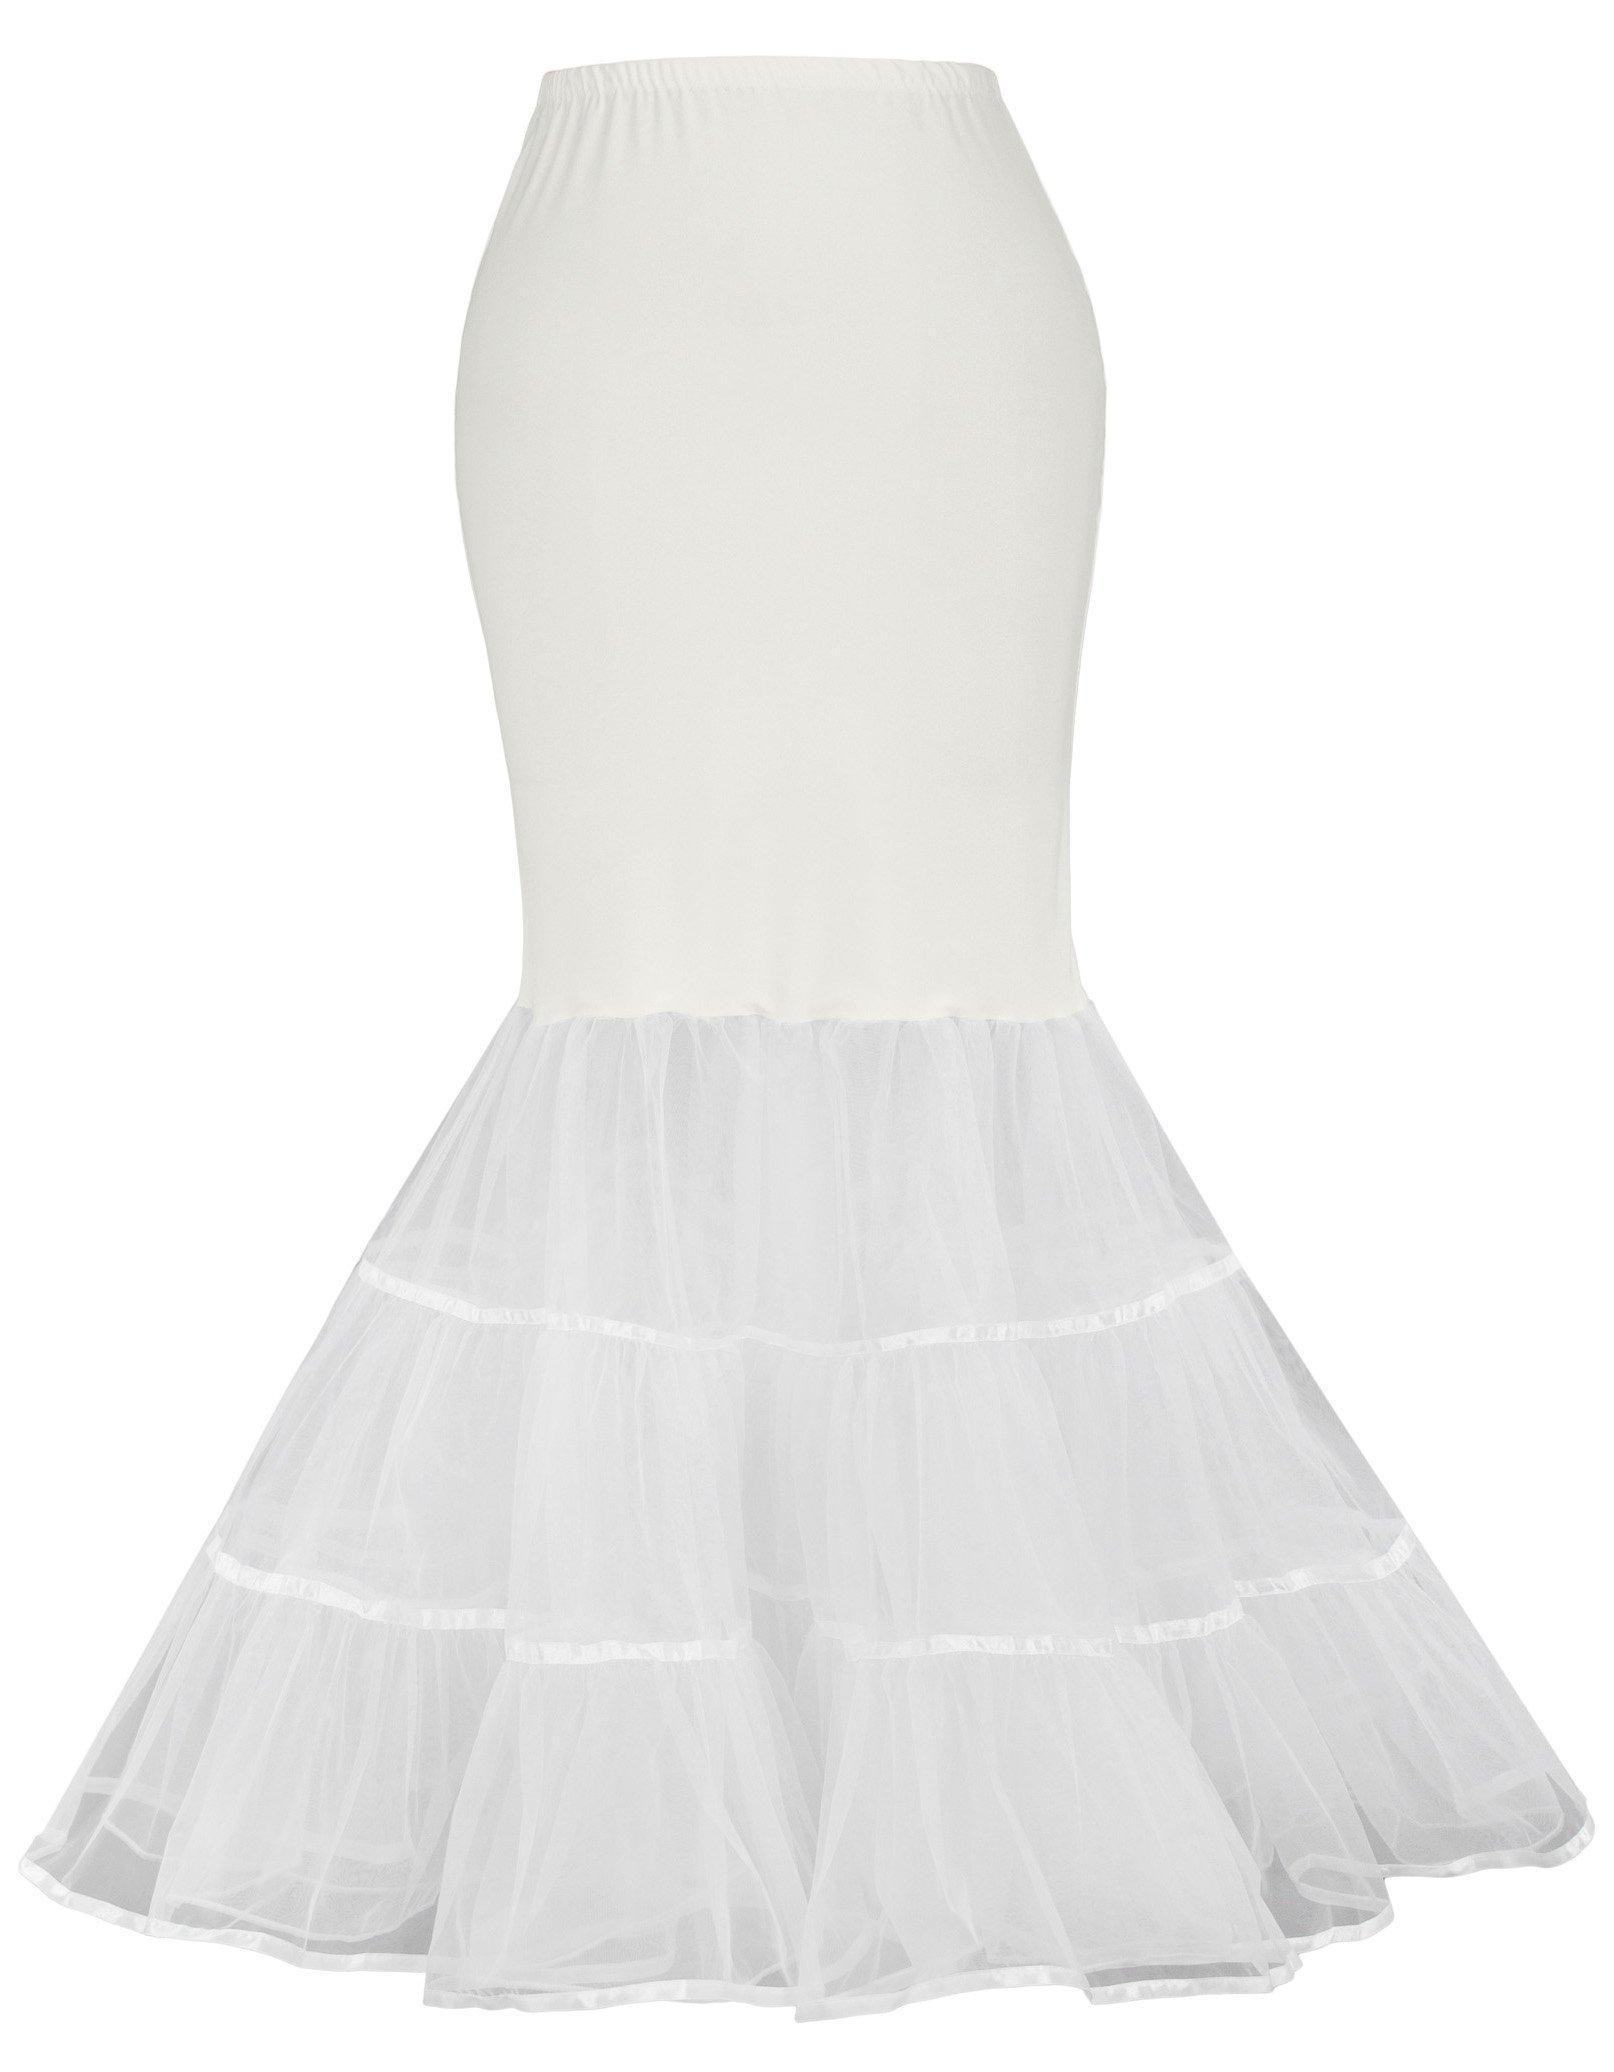 GRACE KARIN Prom Dress Fishtail Petticoat Hopeless for Wedding Dress (S,Ivory 477)